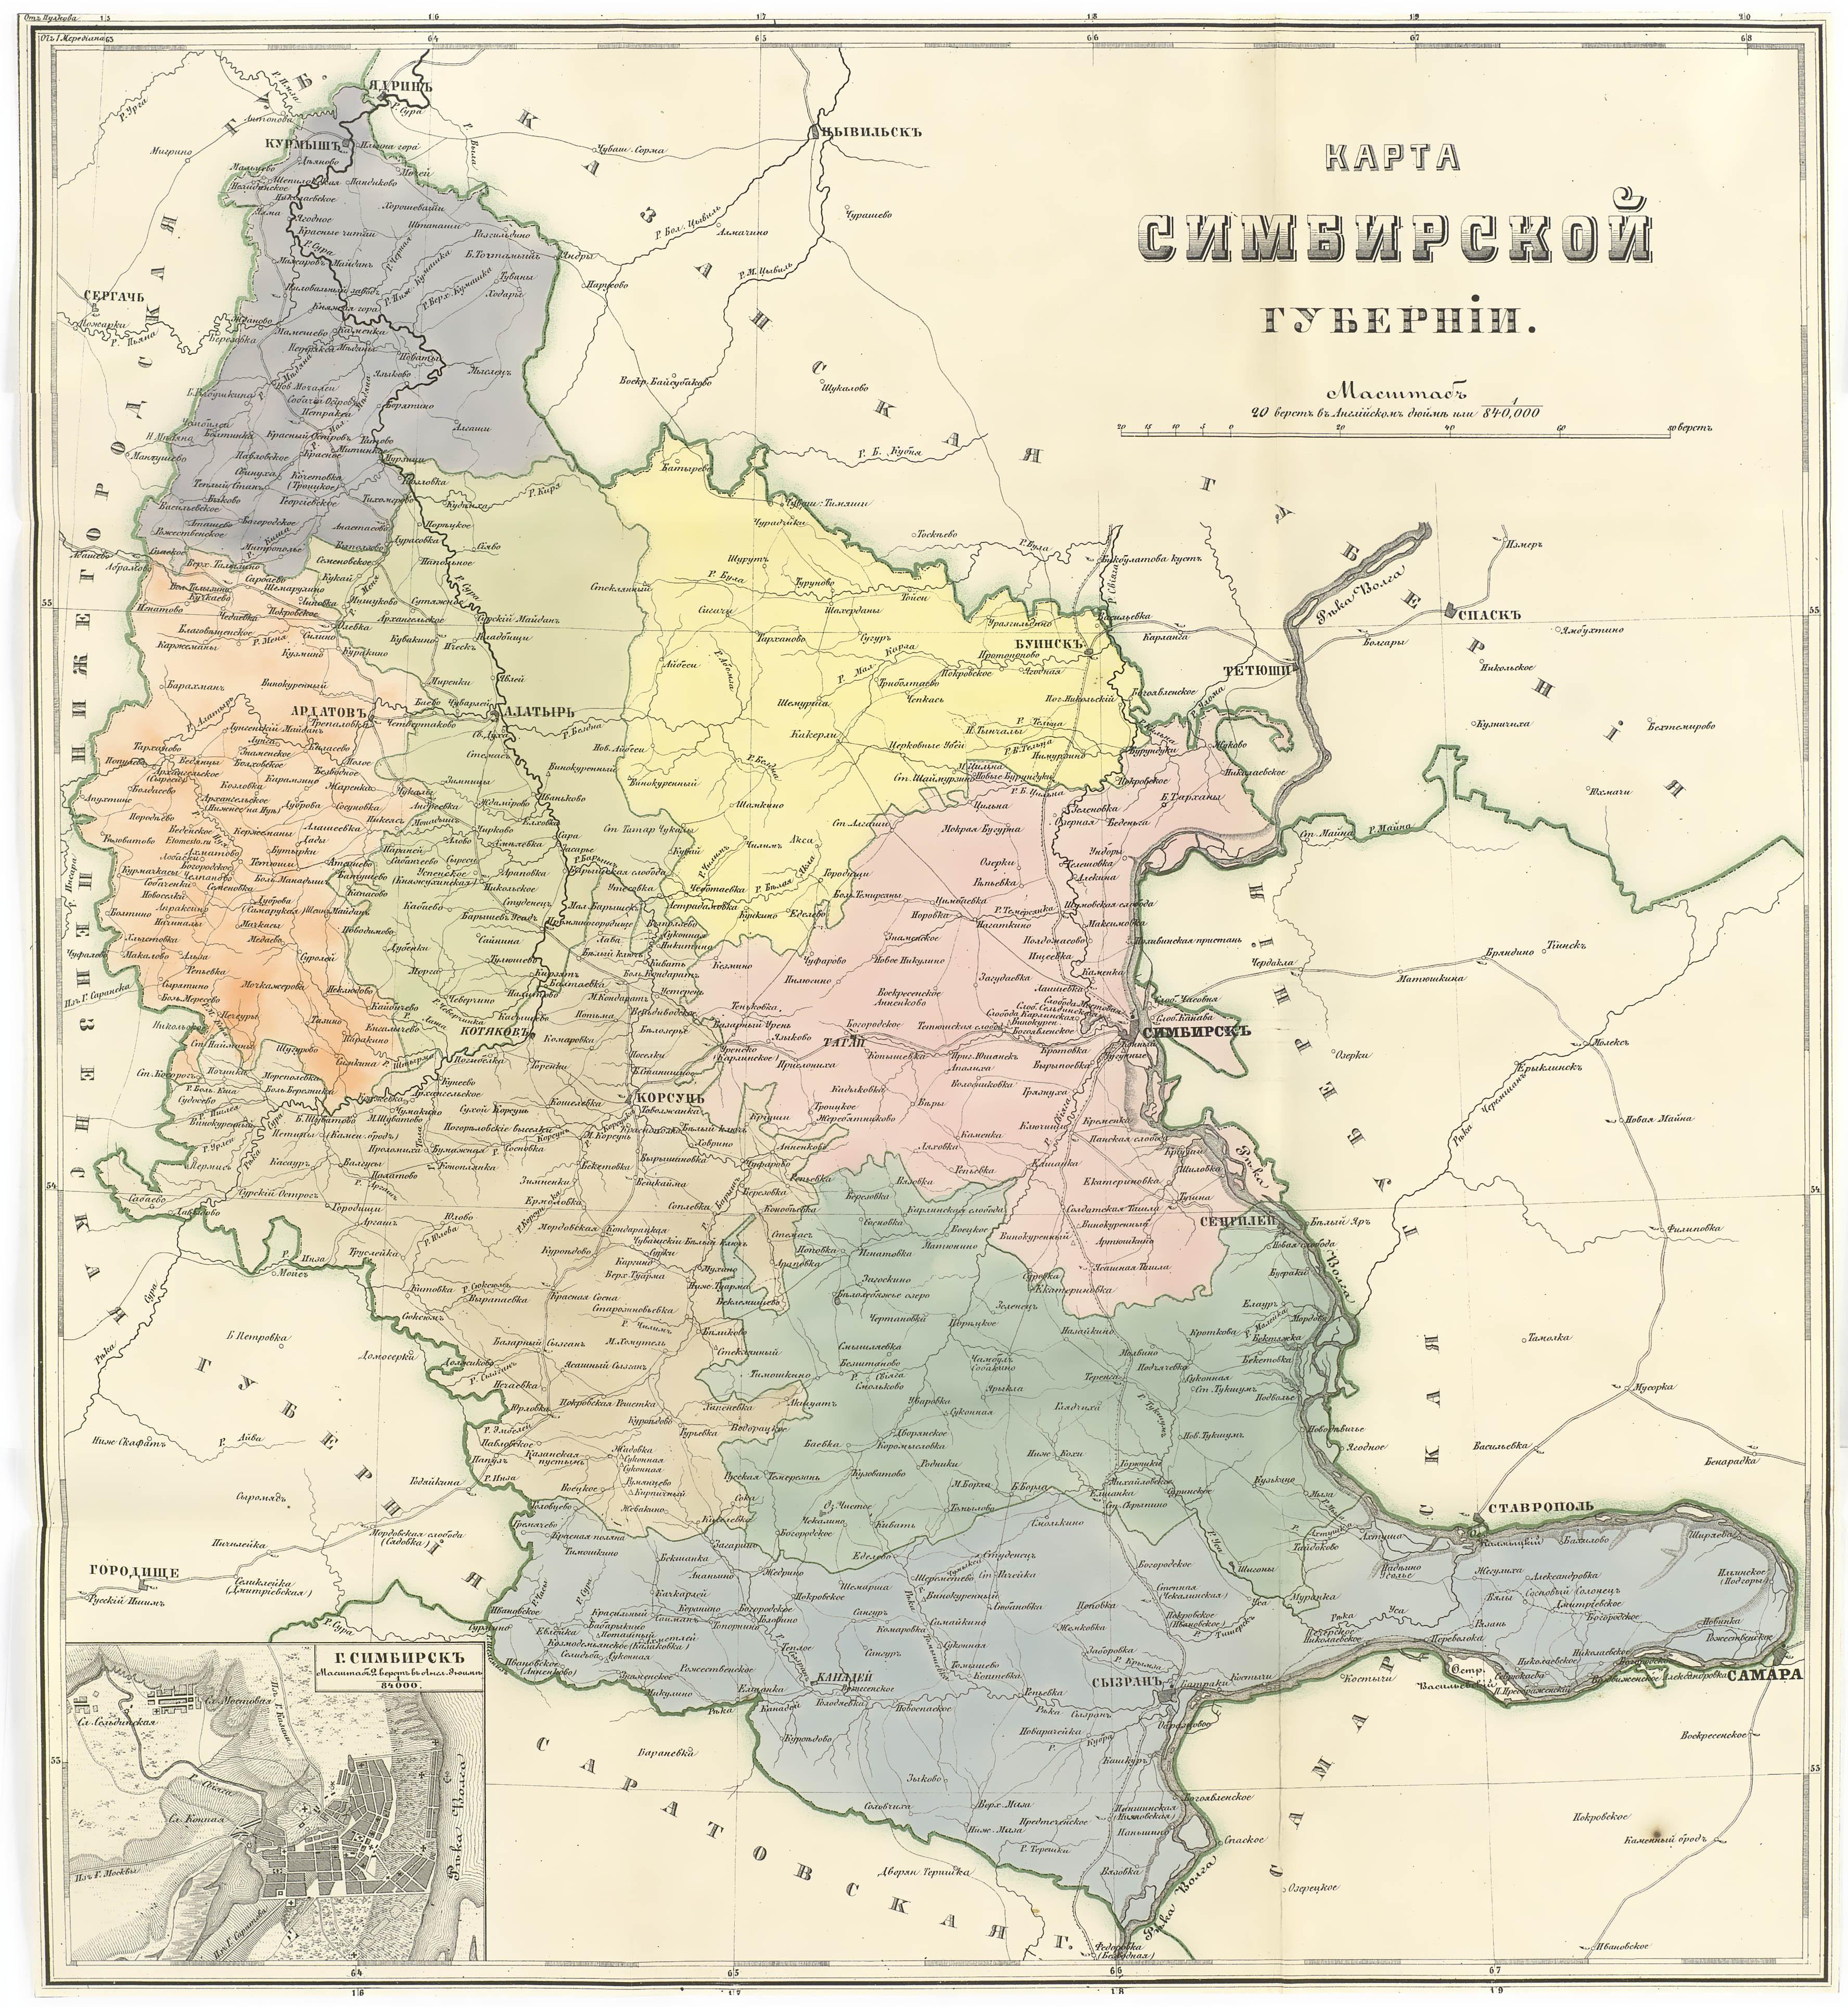 Симбирская губерния на карте 1868 года с обозначением уездов.